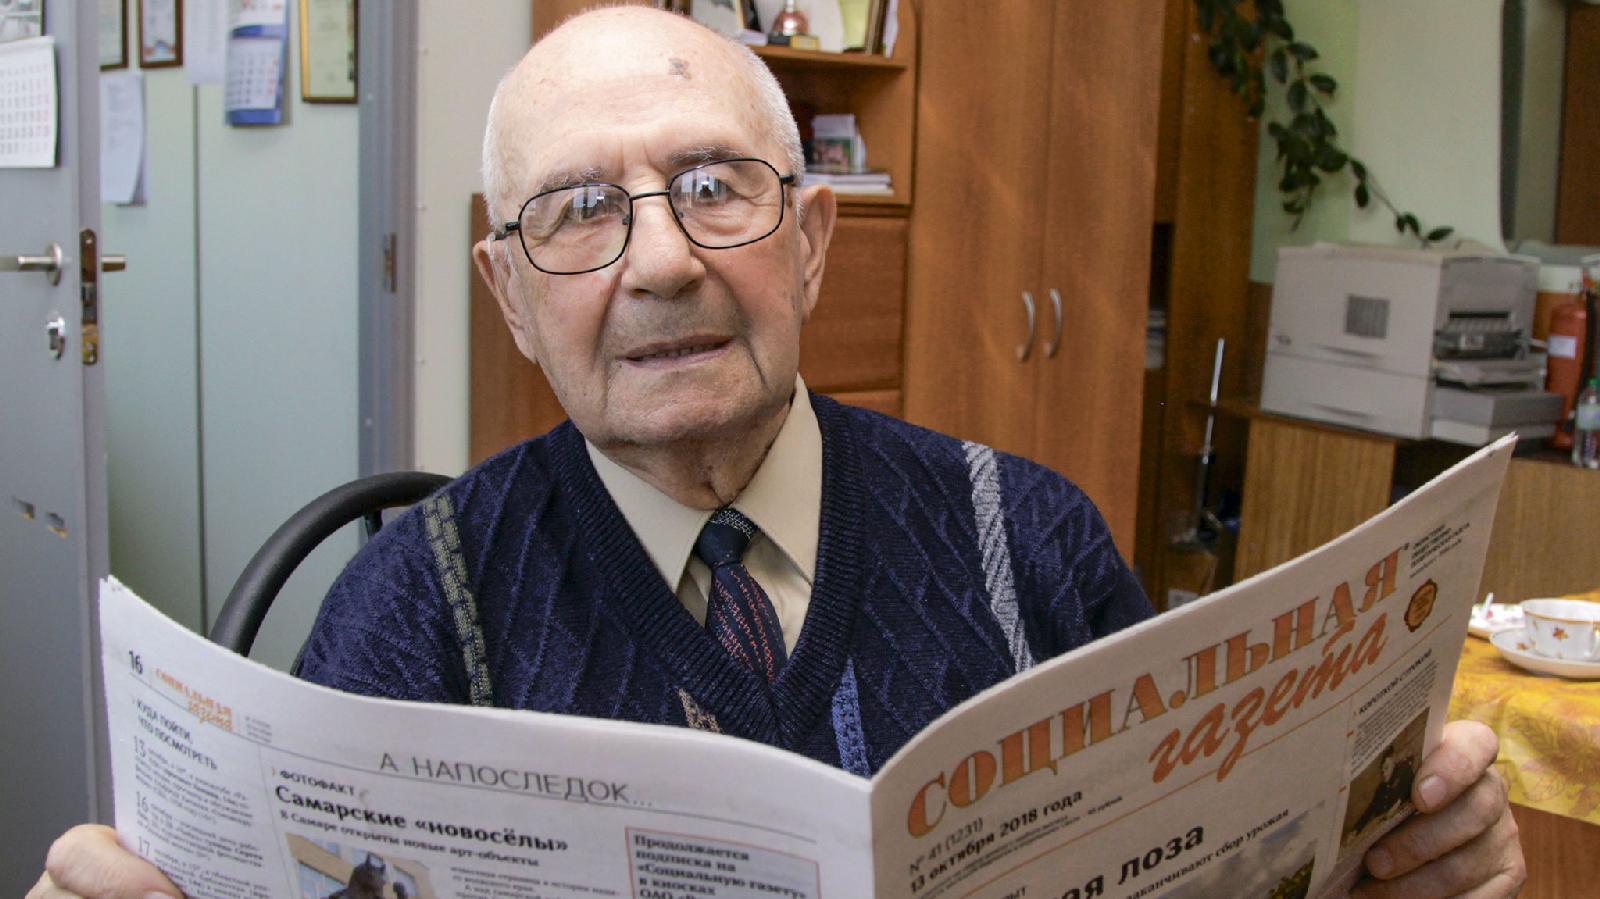 Борис Львович Цаткин, 88 лет, один из самых активных внештатных авторов «Социальной газеты», давний друг и участник всех конкурсов издания